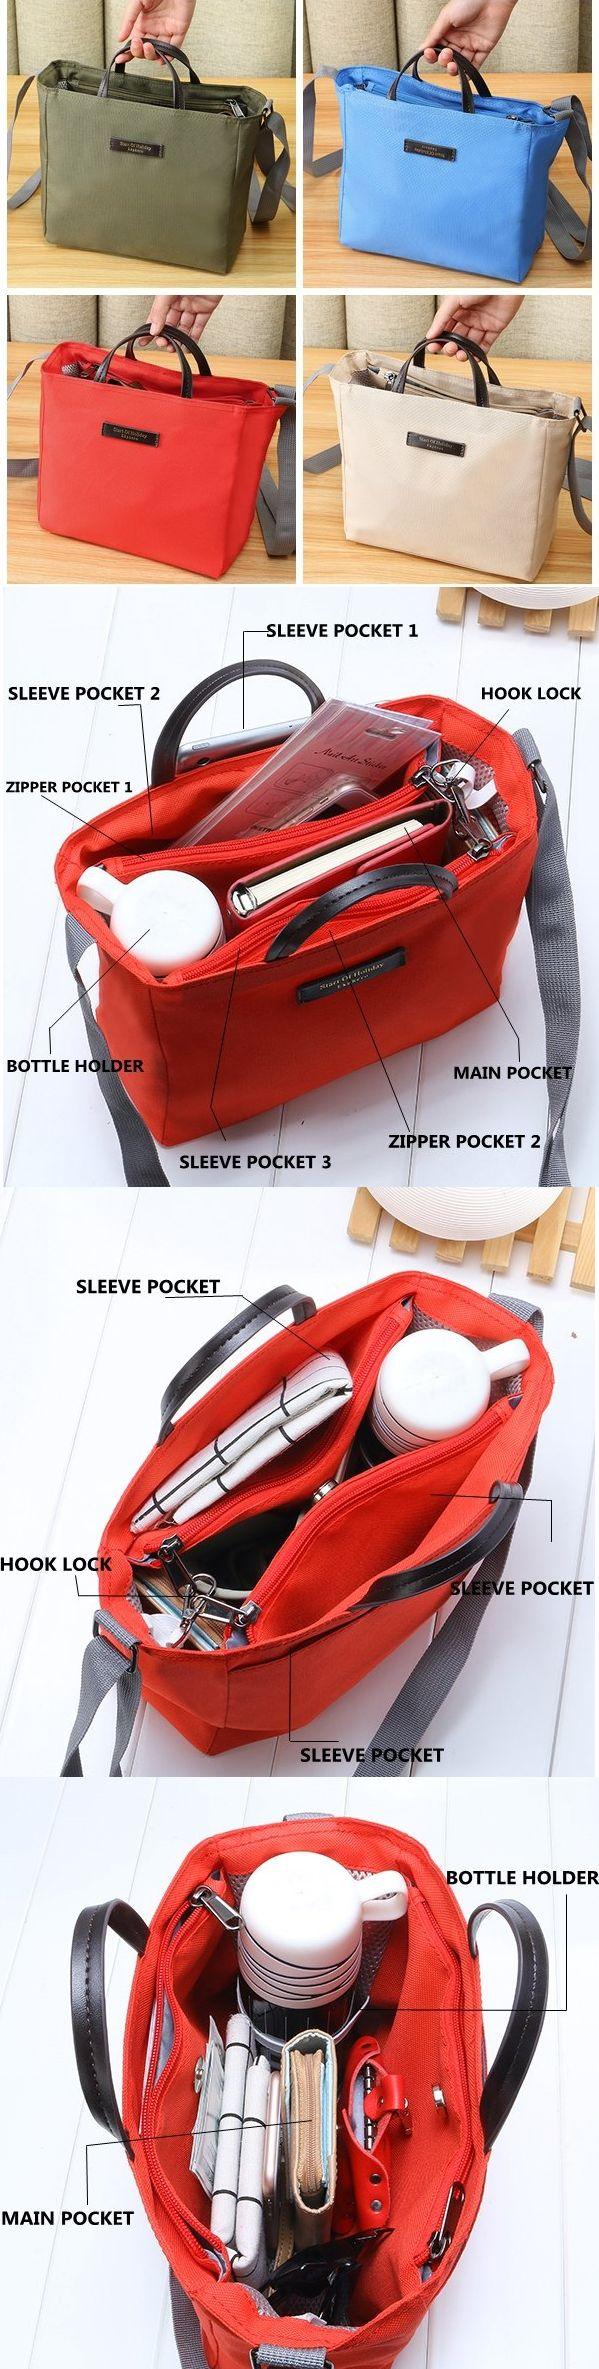 Ekphero Multifunctional Waterproof Oxford Cloth Light Outdoor Travel Handbag Shoulder Storage Bag